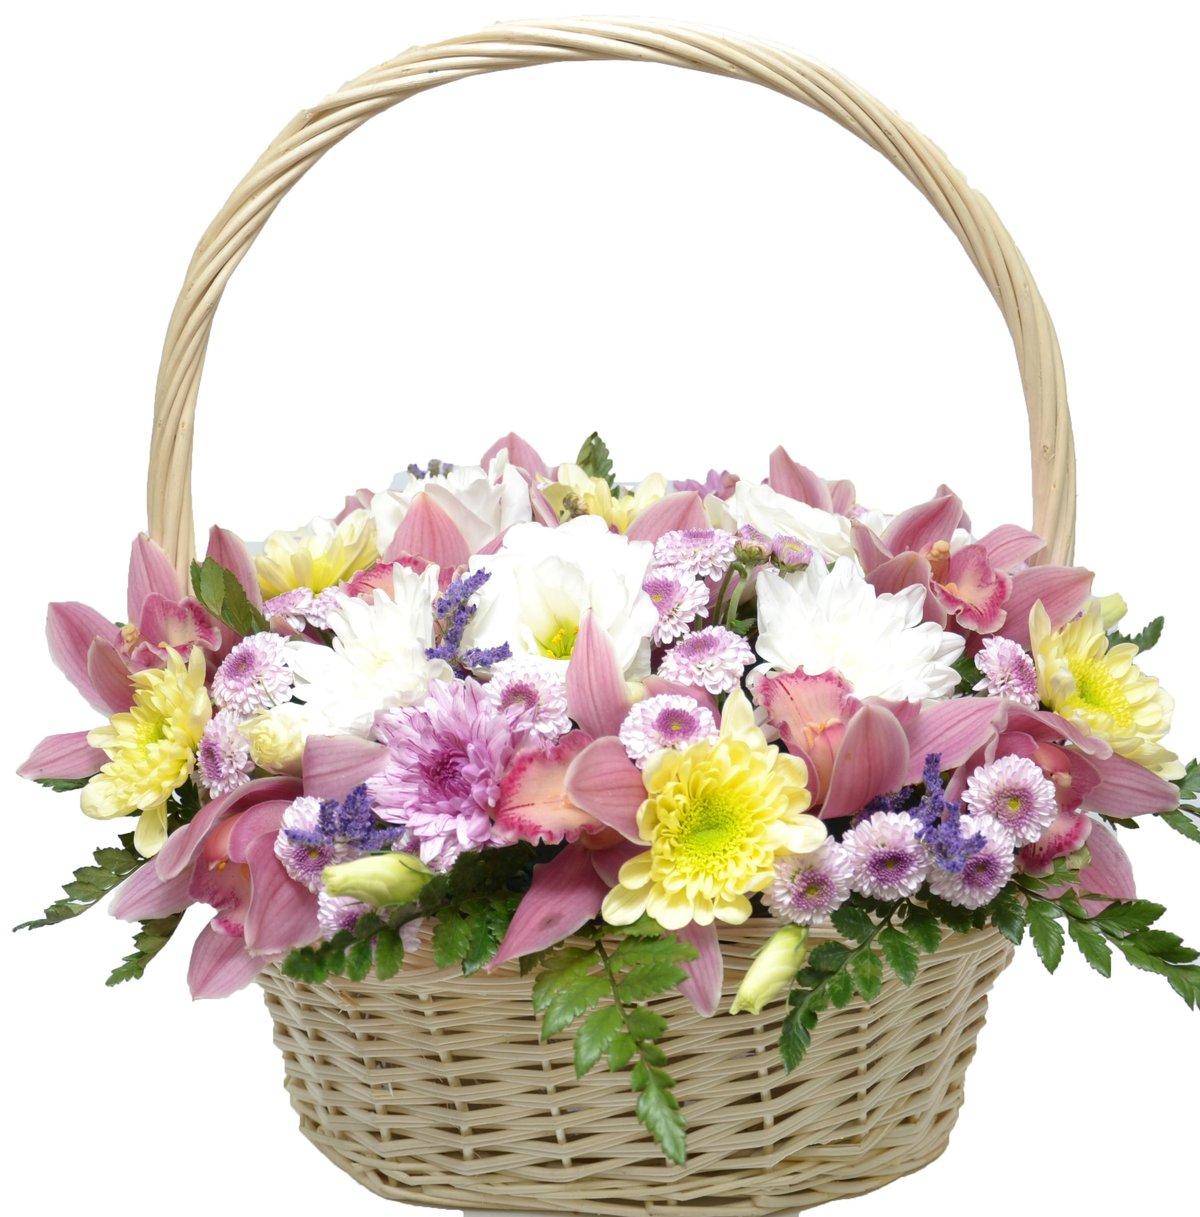 картинки цветов в карзине комментариях, понравилось